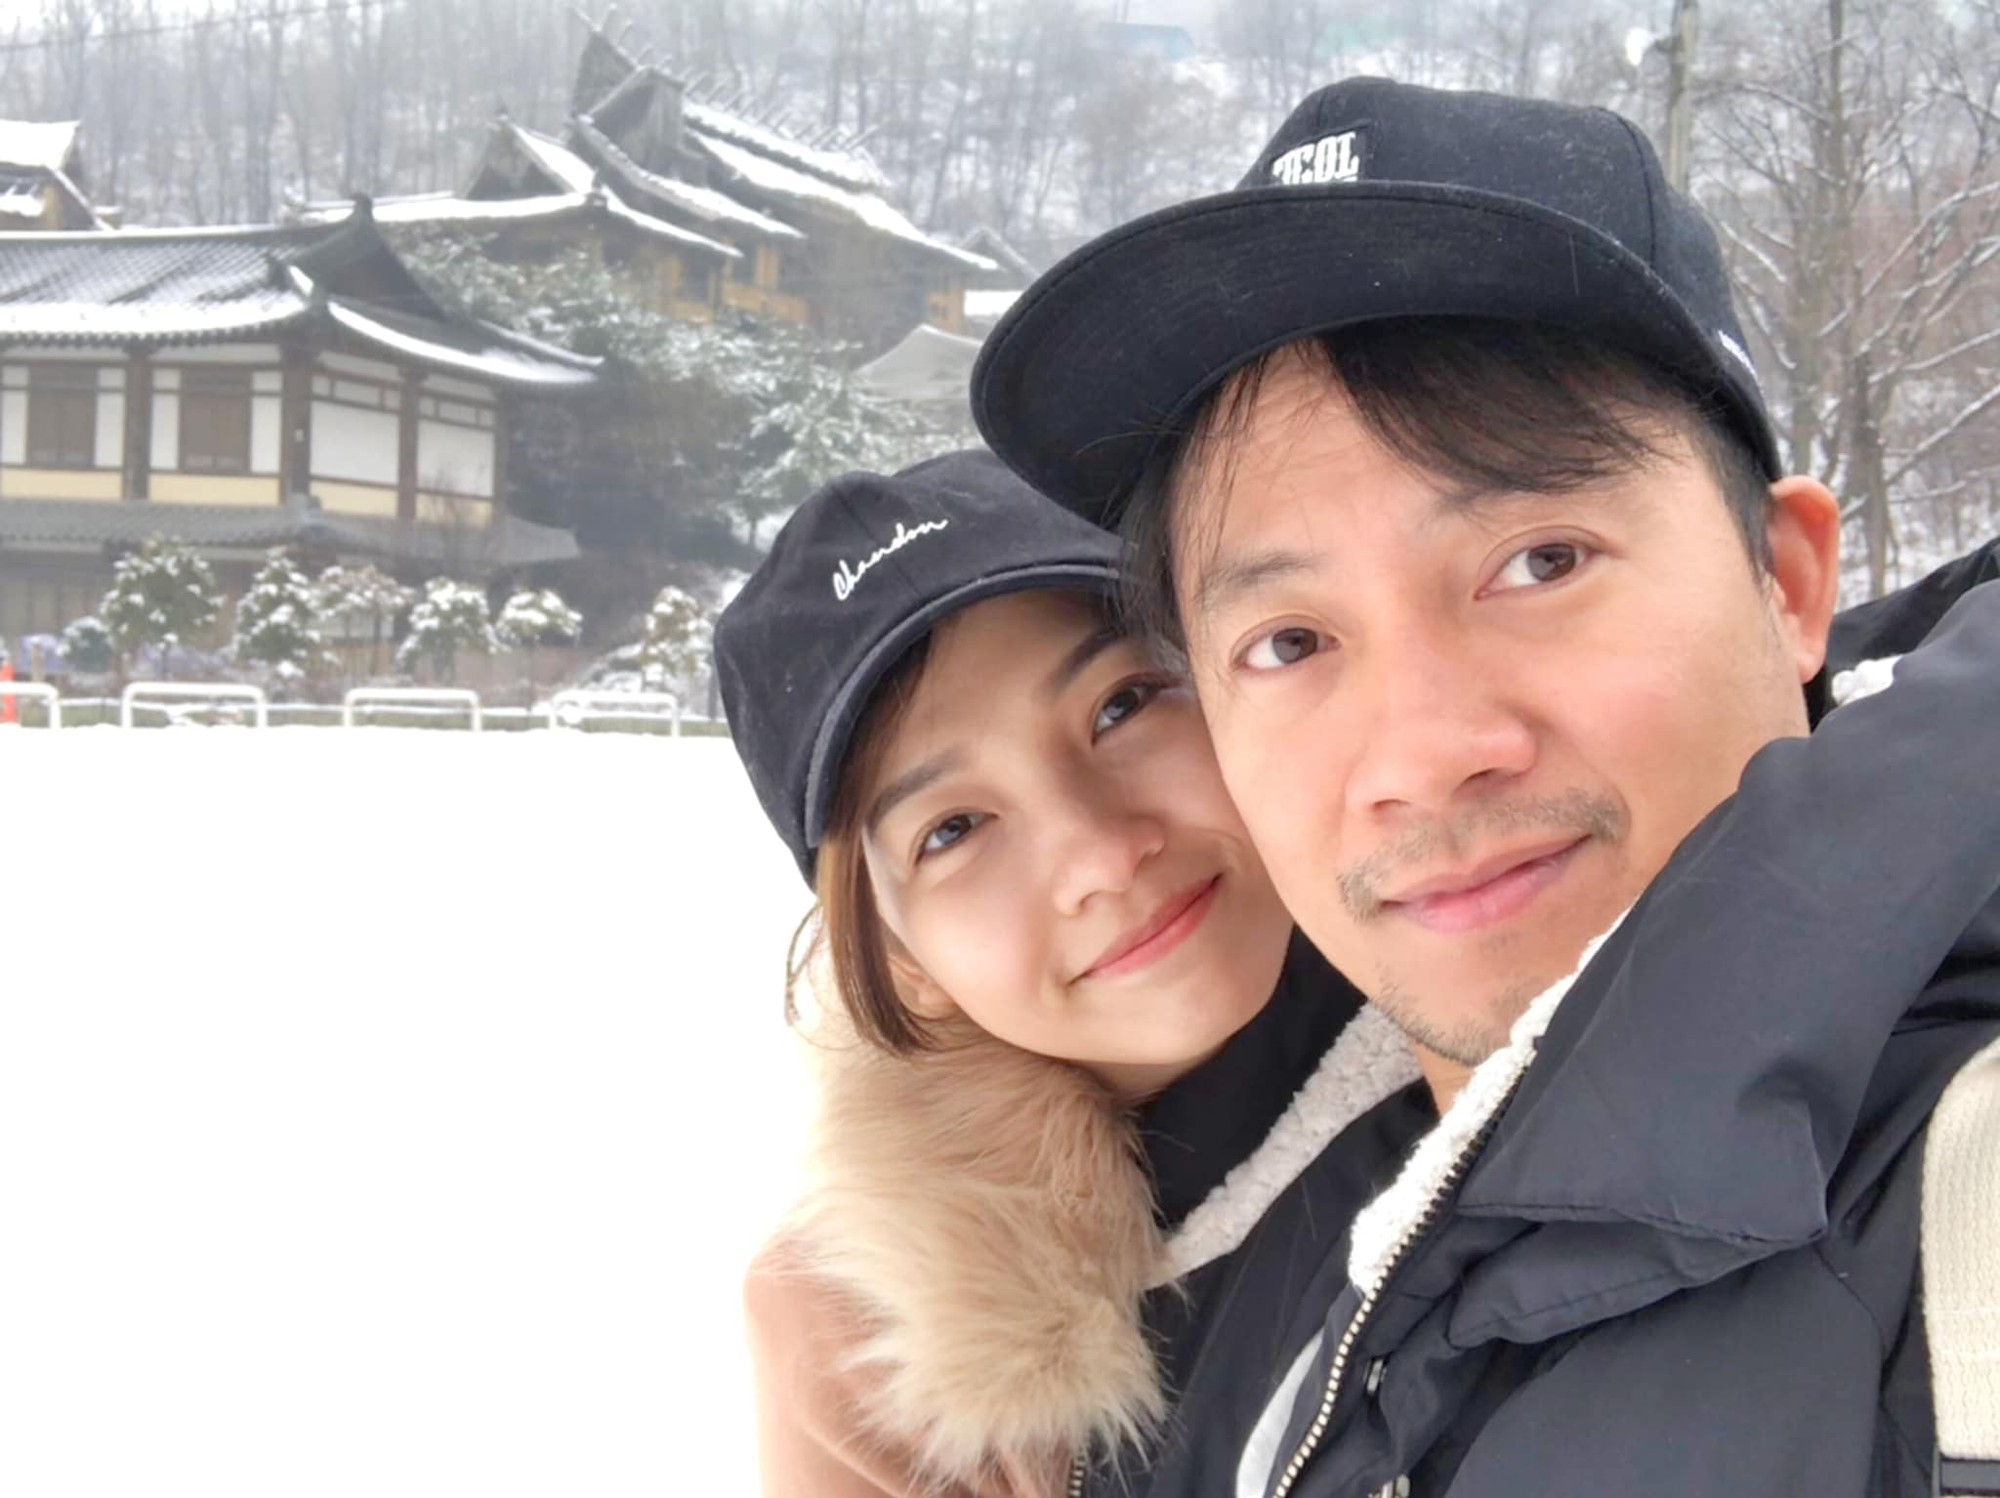 Bà xã Tiến Đạt xác nhận đang mang thai con đầu lòng sau 5 tháng kết hôn - Ảnh 2.